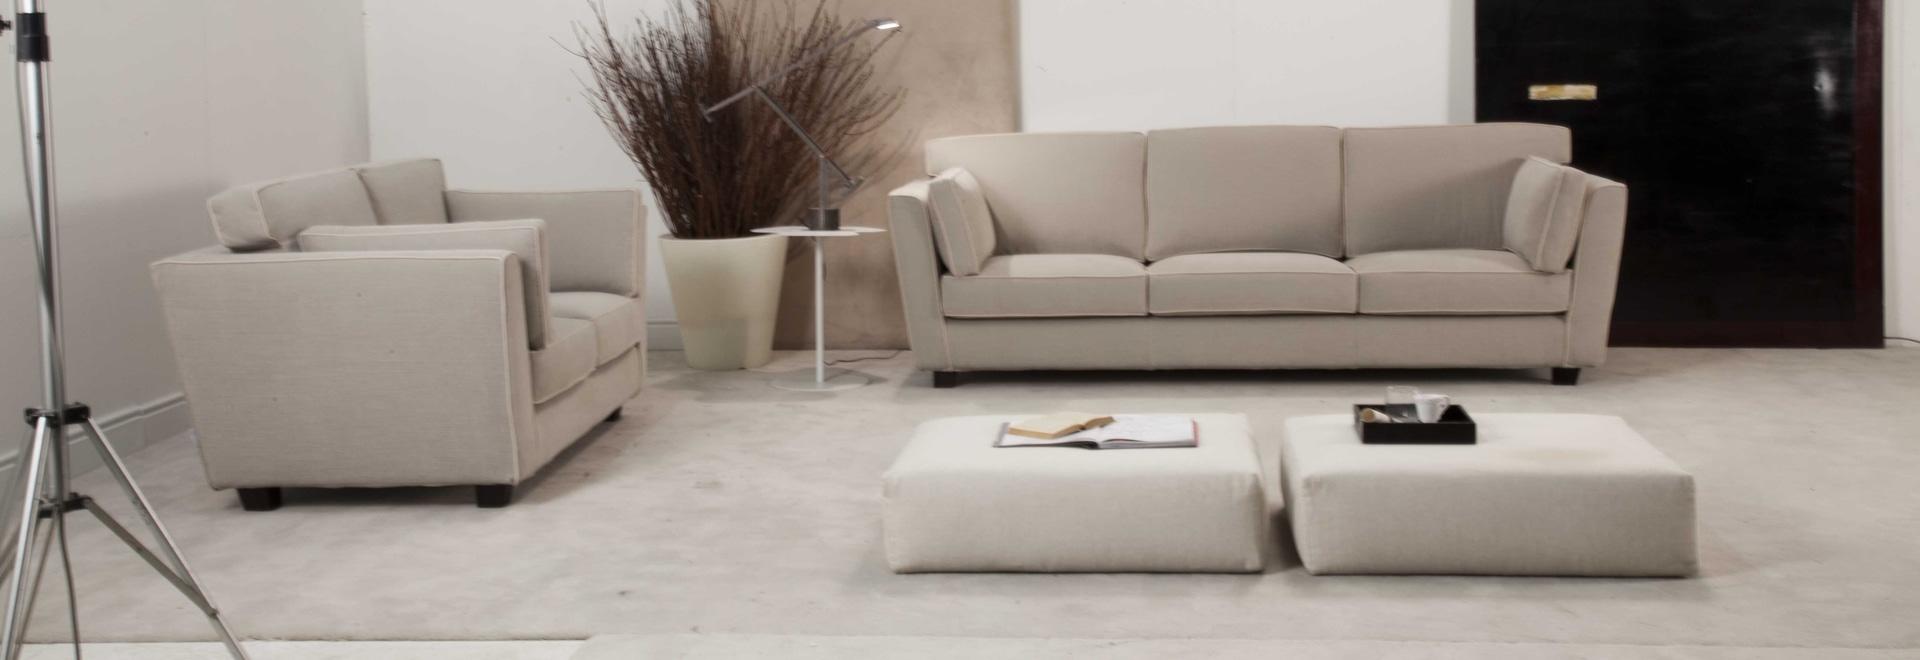 Sofá moderno de Artigiano